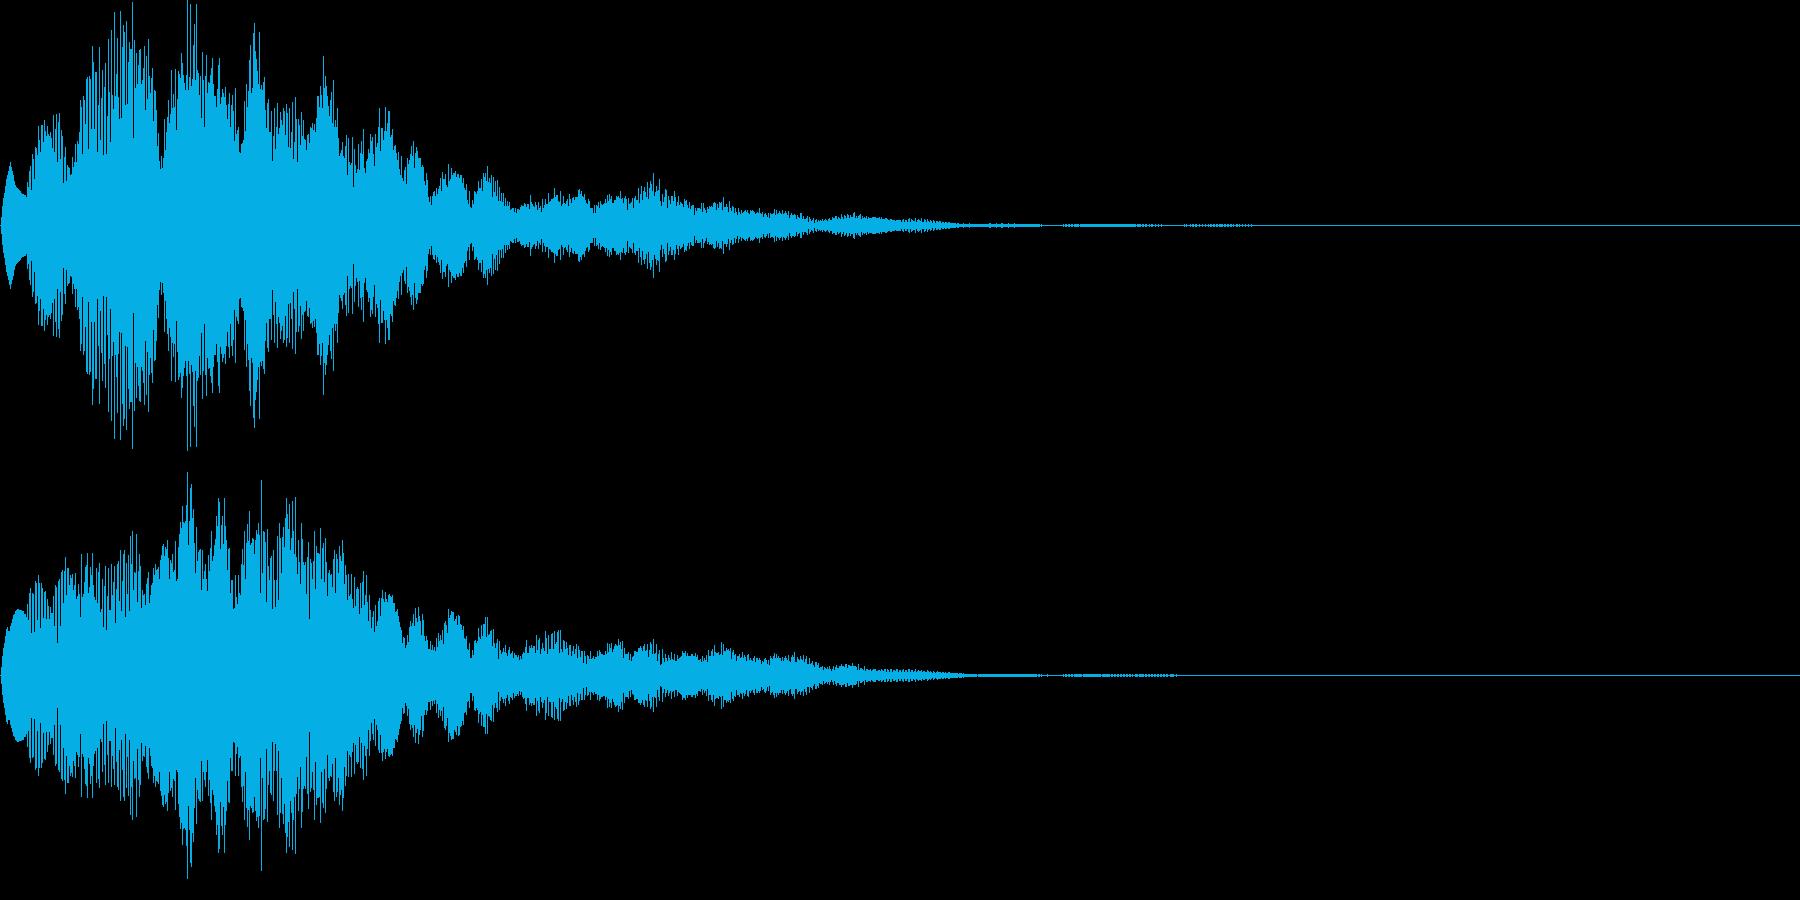 サウンドロゴ44_ベル系の再生済みの波形